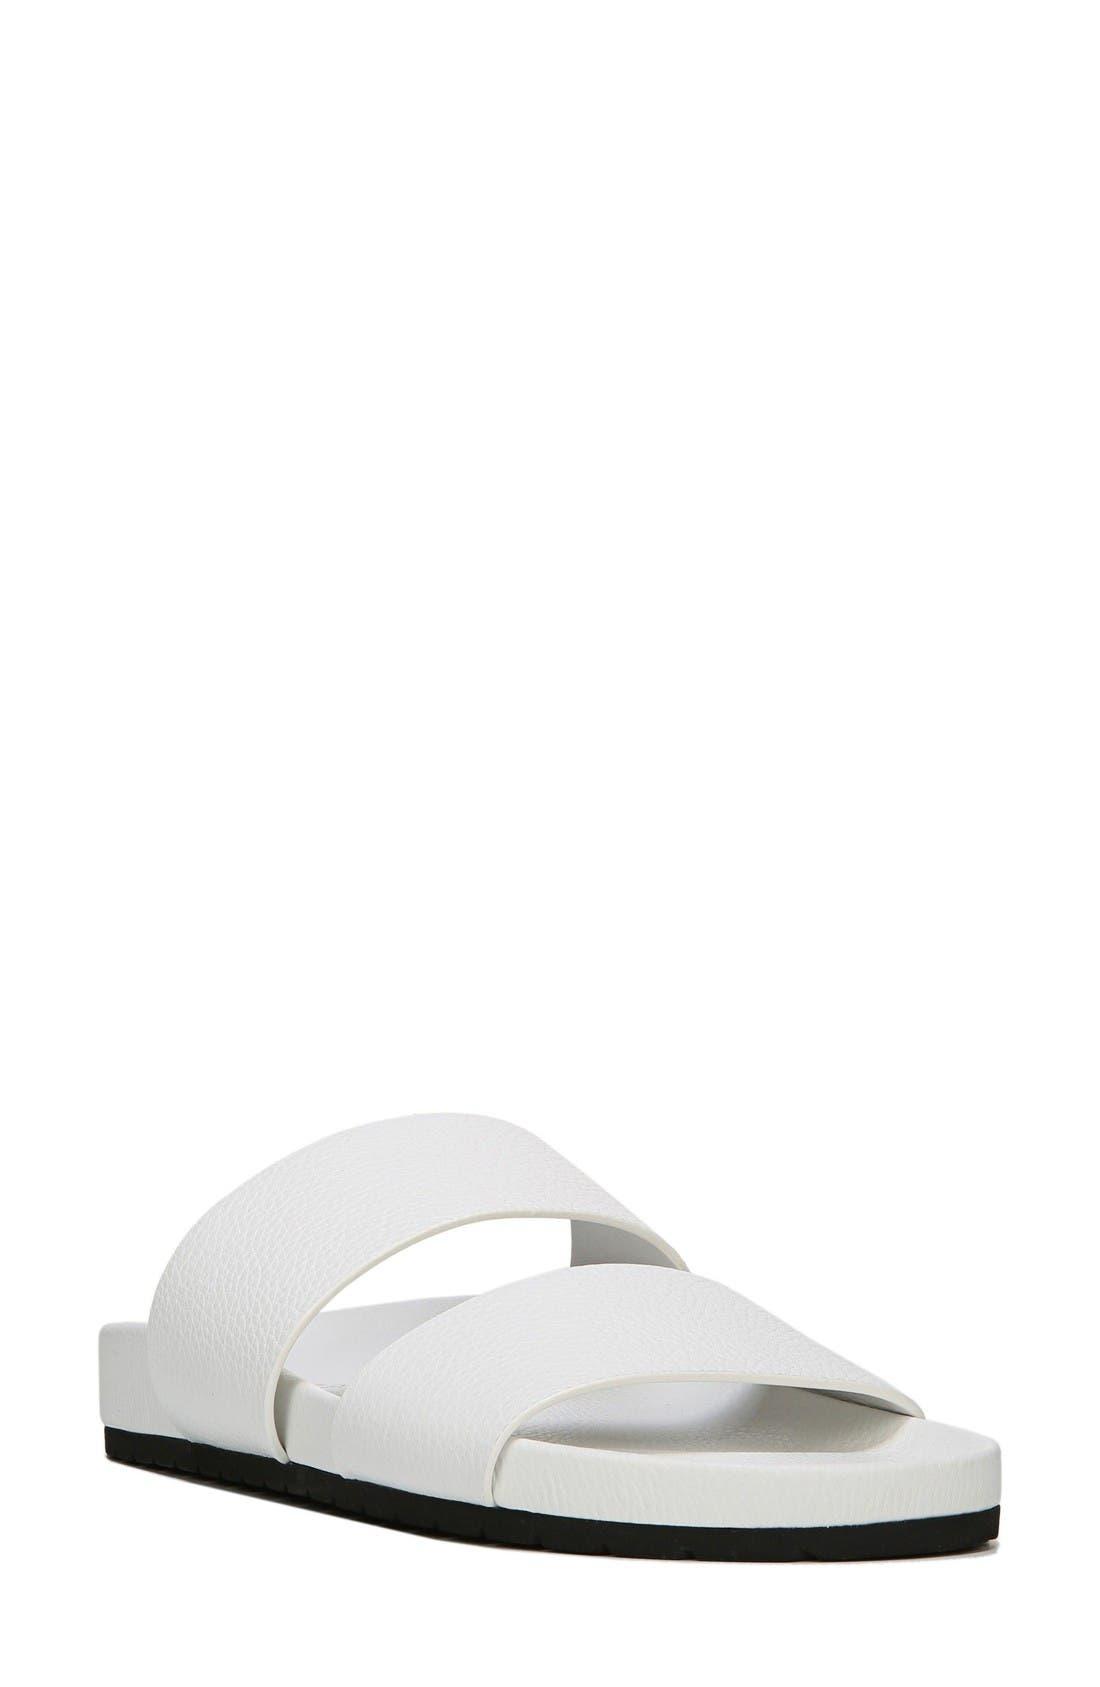 Georgie Slide Sandal,                         Main,                         color, White